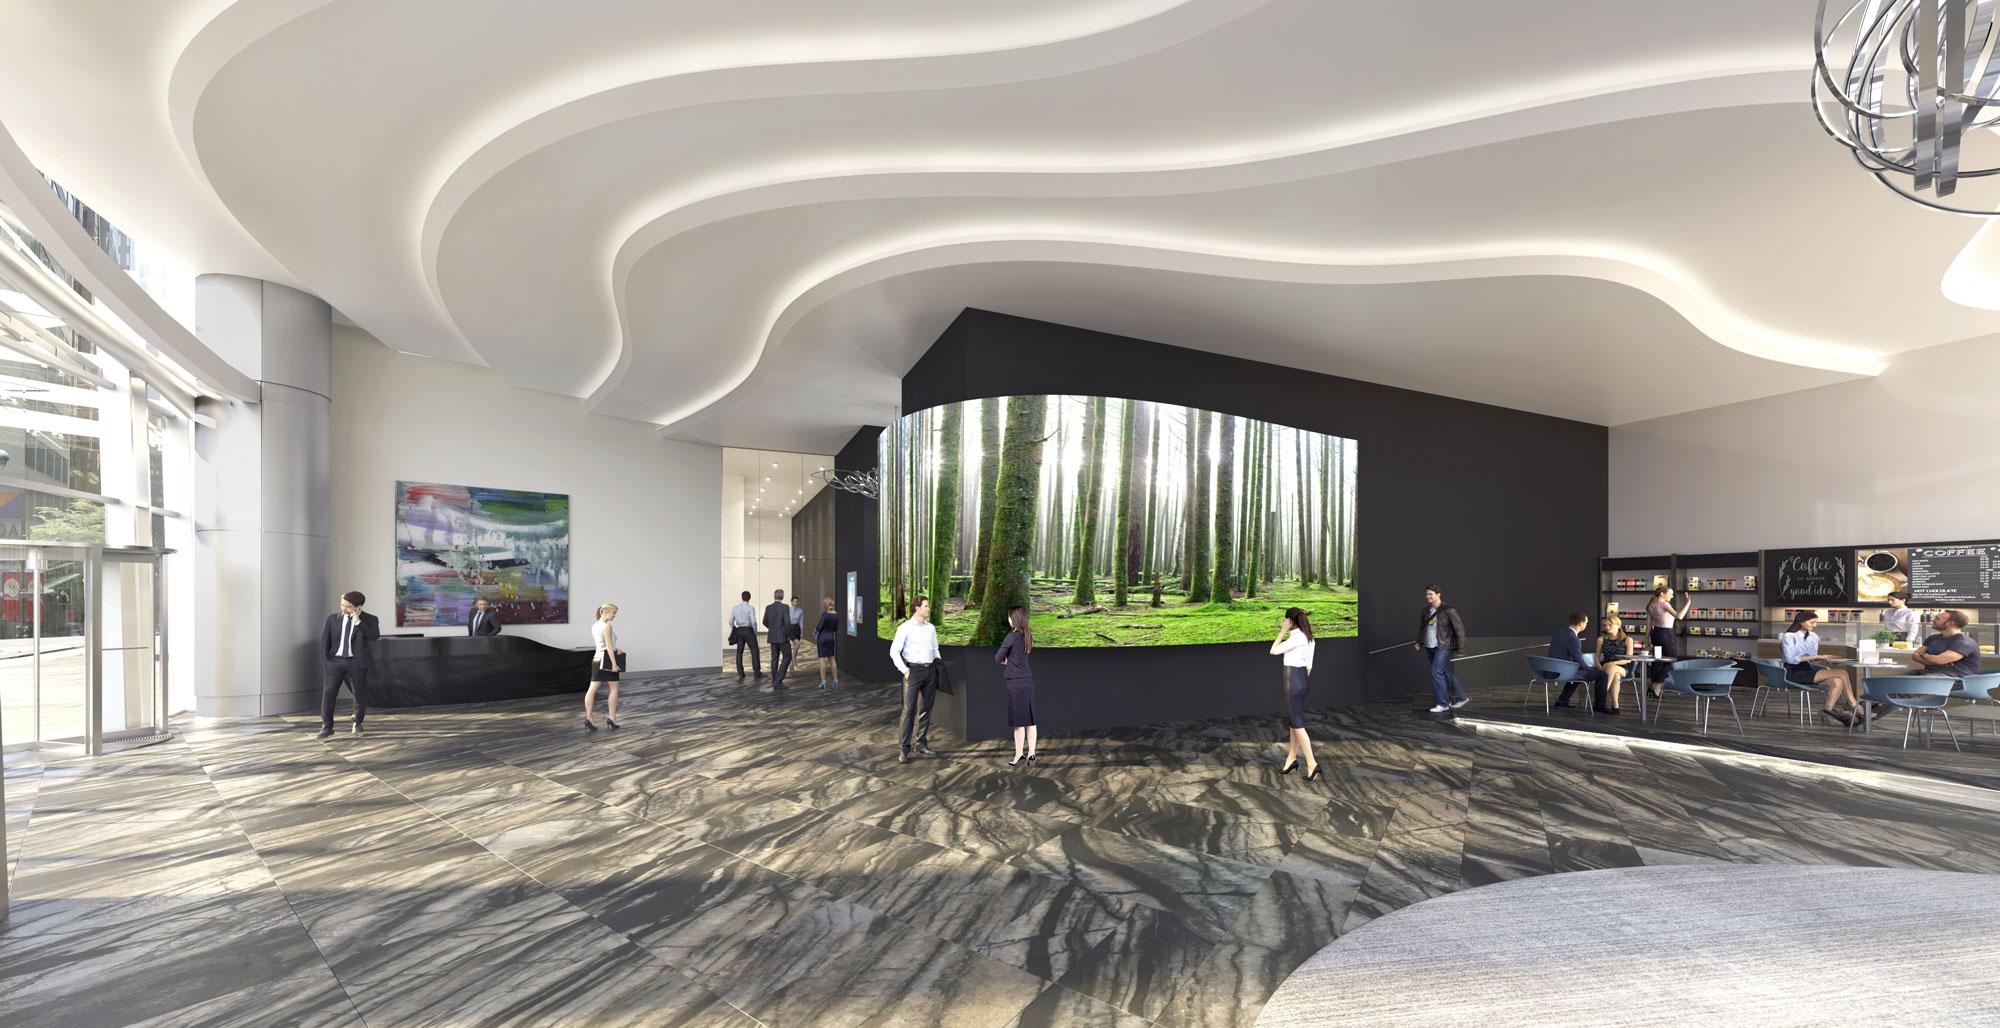 湖南浩安公装公司装修设计资讯知识浩安公装公司:现代室内设计的社会背景分析